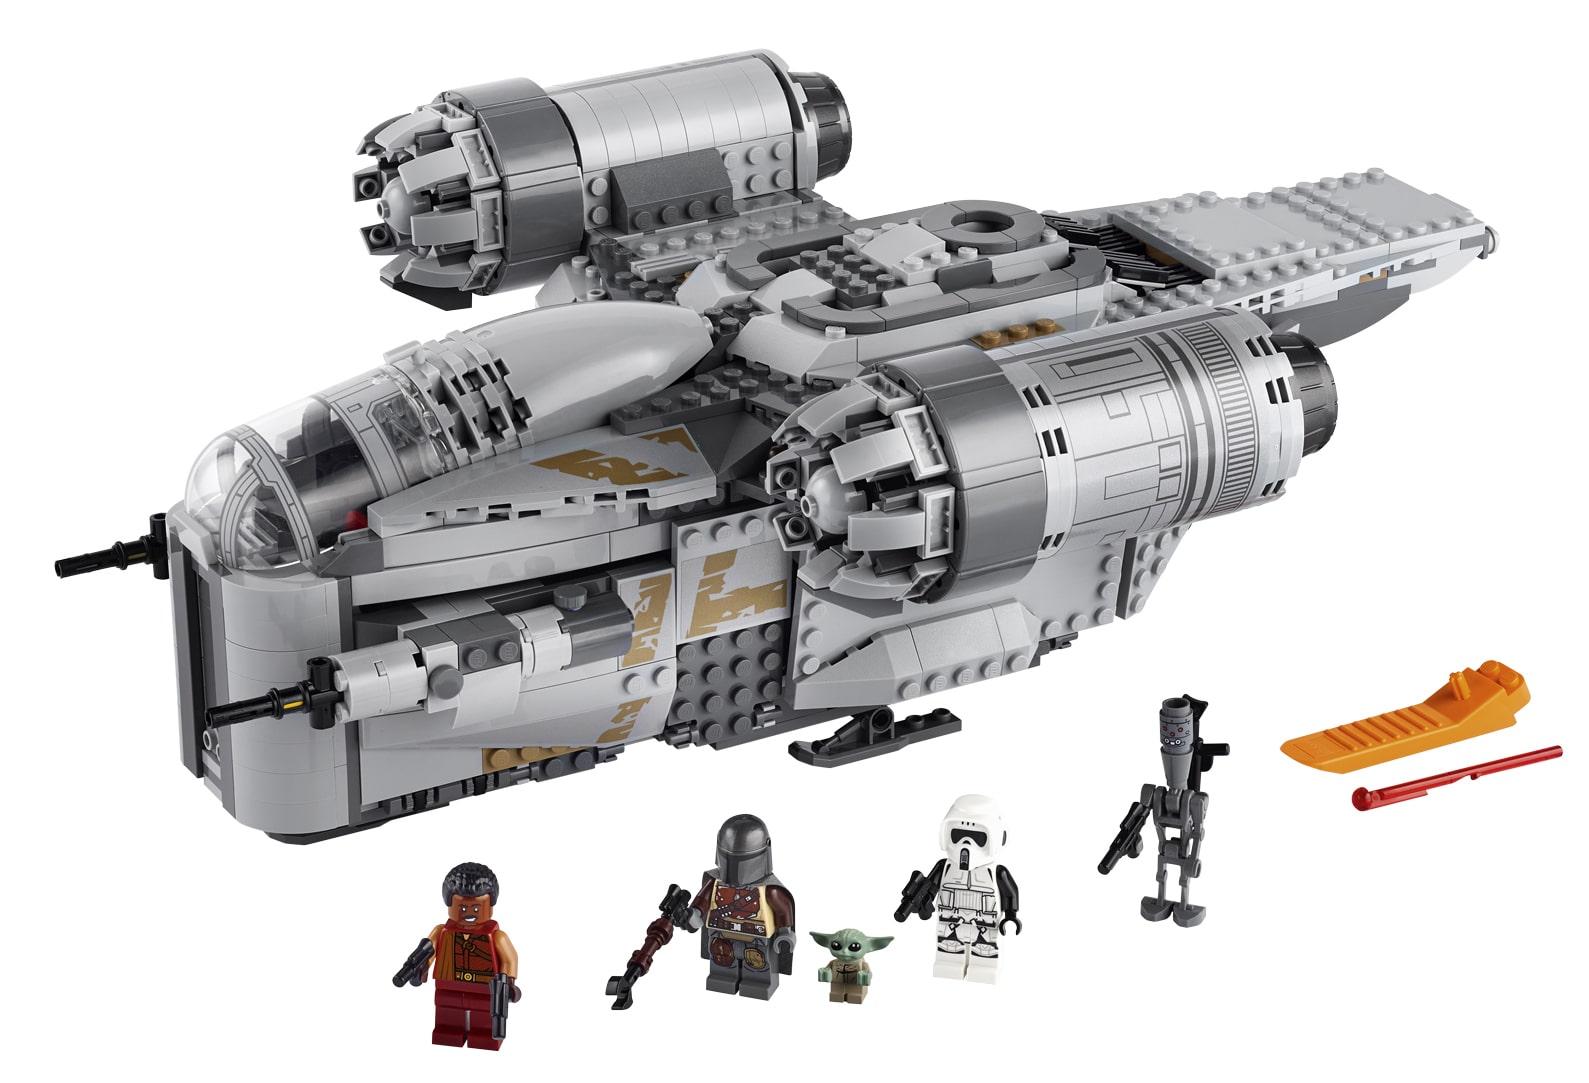 LEGO Star Wars 75292 Razor Crest Raumschiff